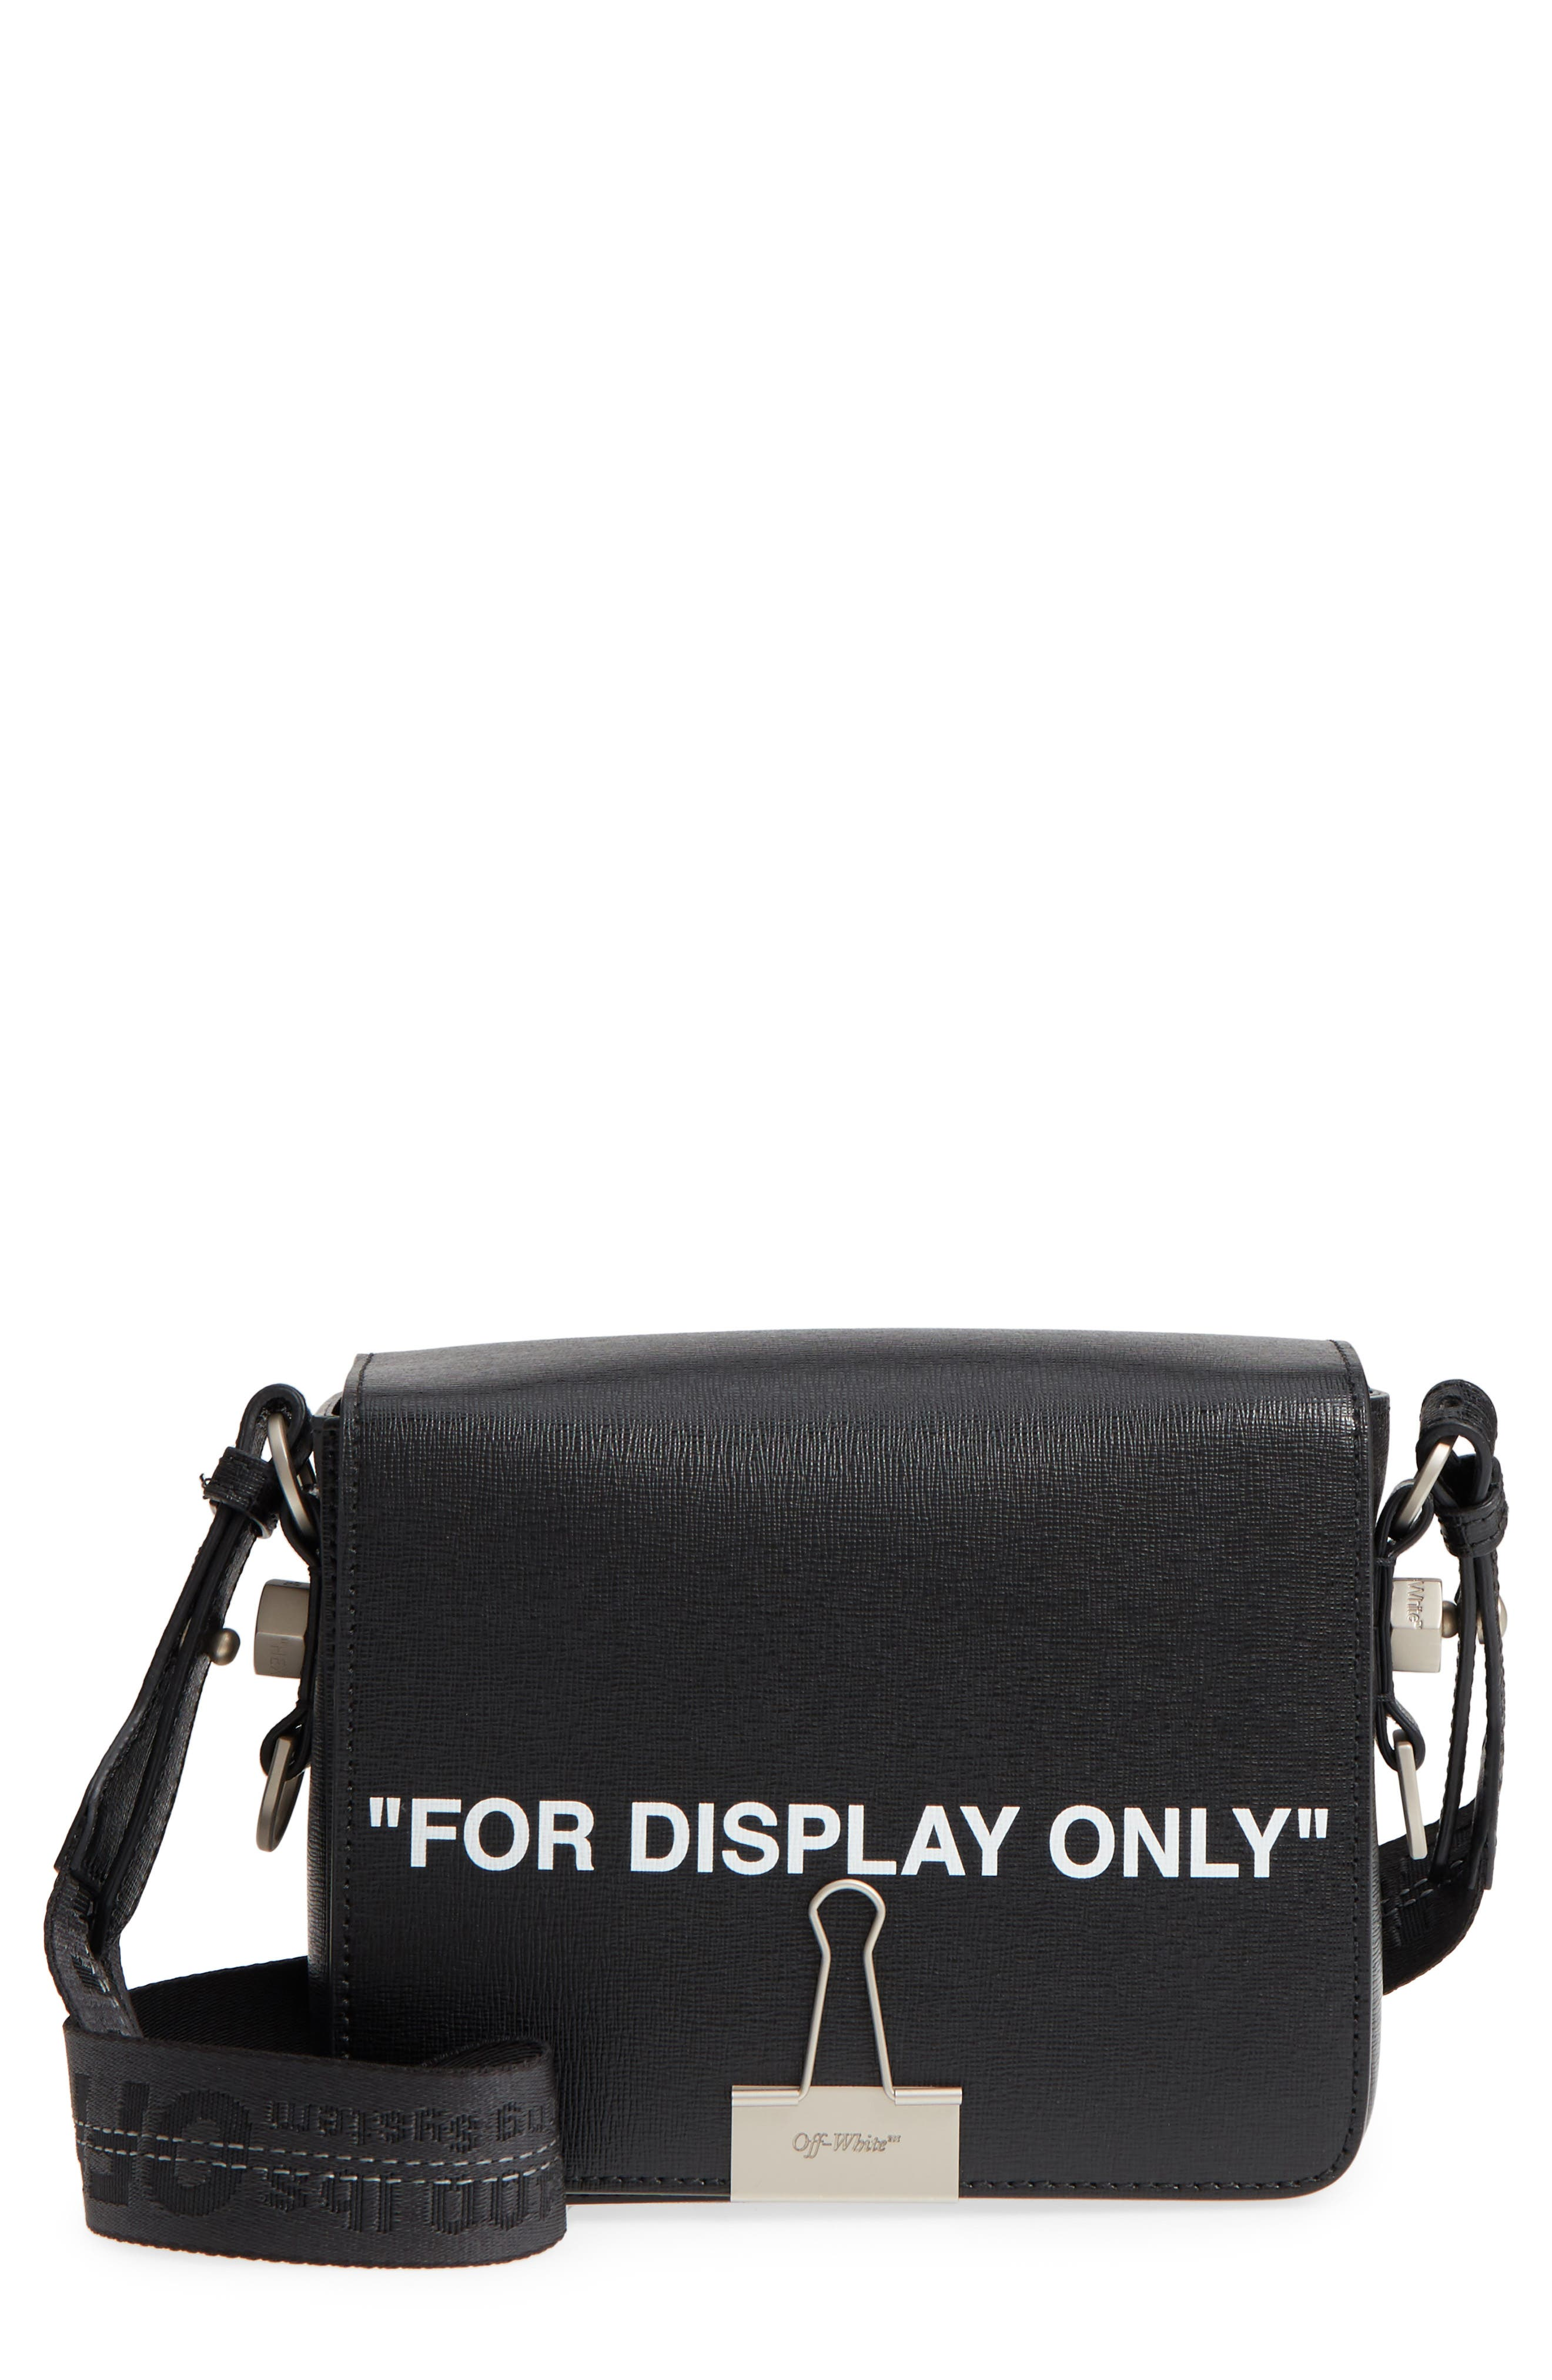 Virgil Was Here Binder Clip Leather Shoulder Bag,                             Main thumbnail 1, color,                             Black White